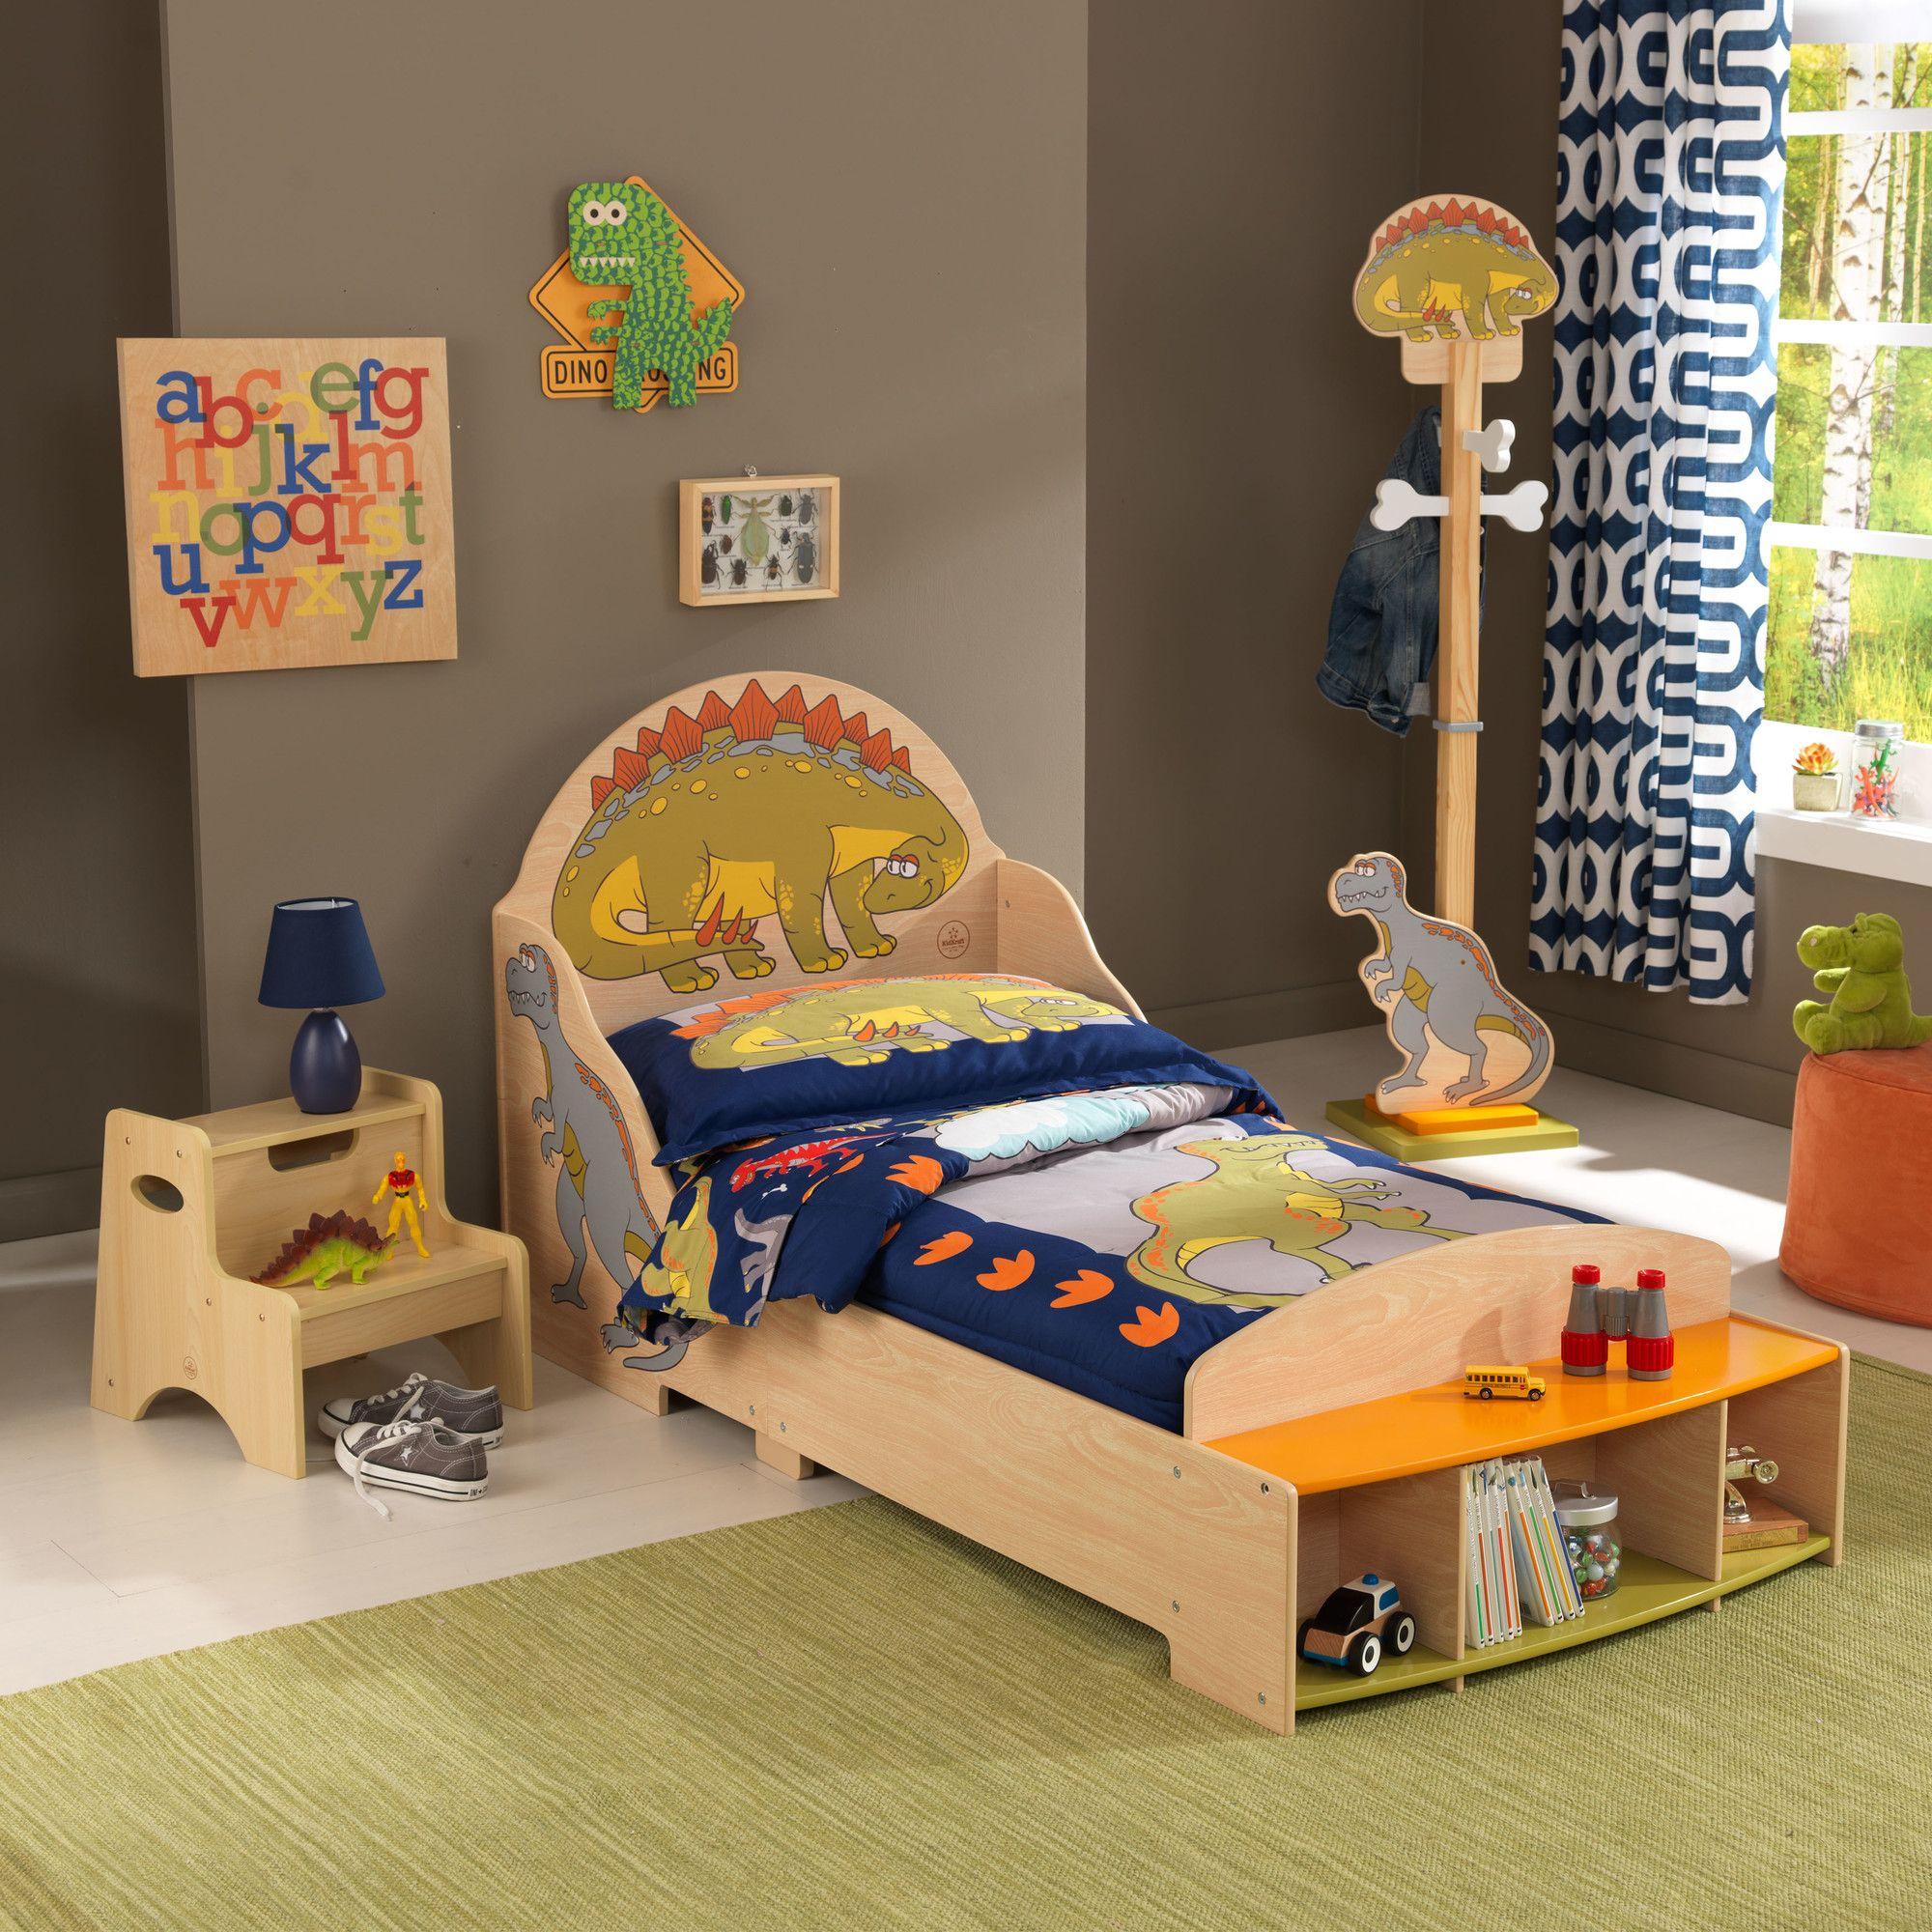 Dinosaur Twin Storage Sleigh Bed Dinosaur Toddler Bedding Kid